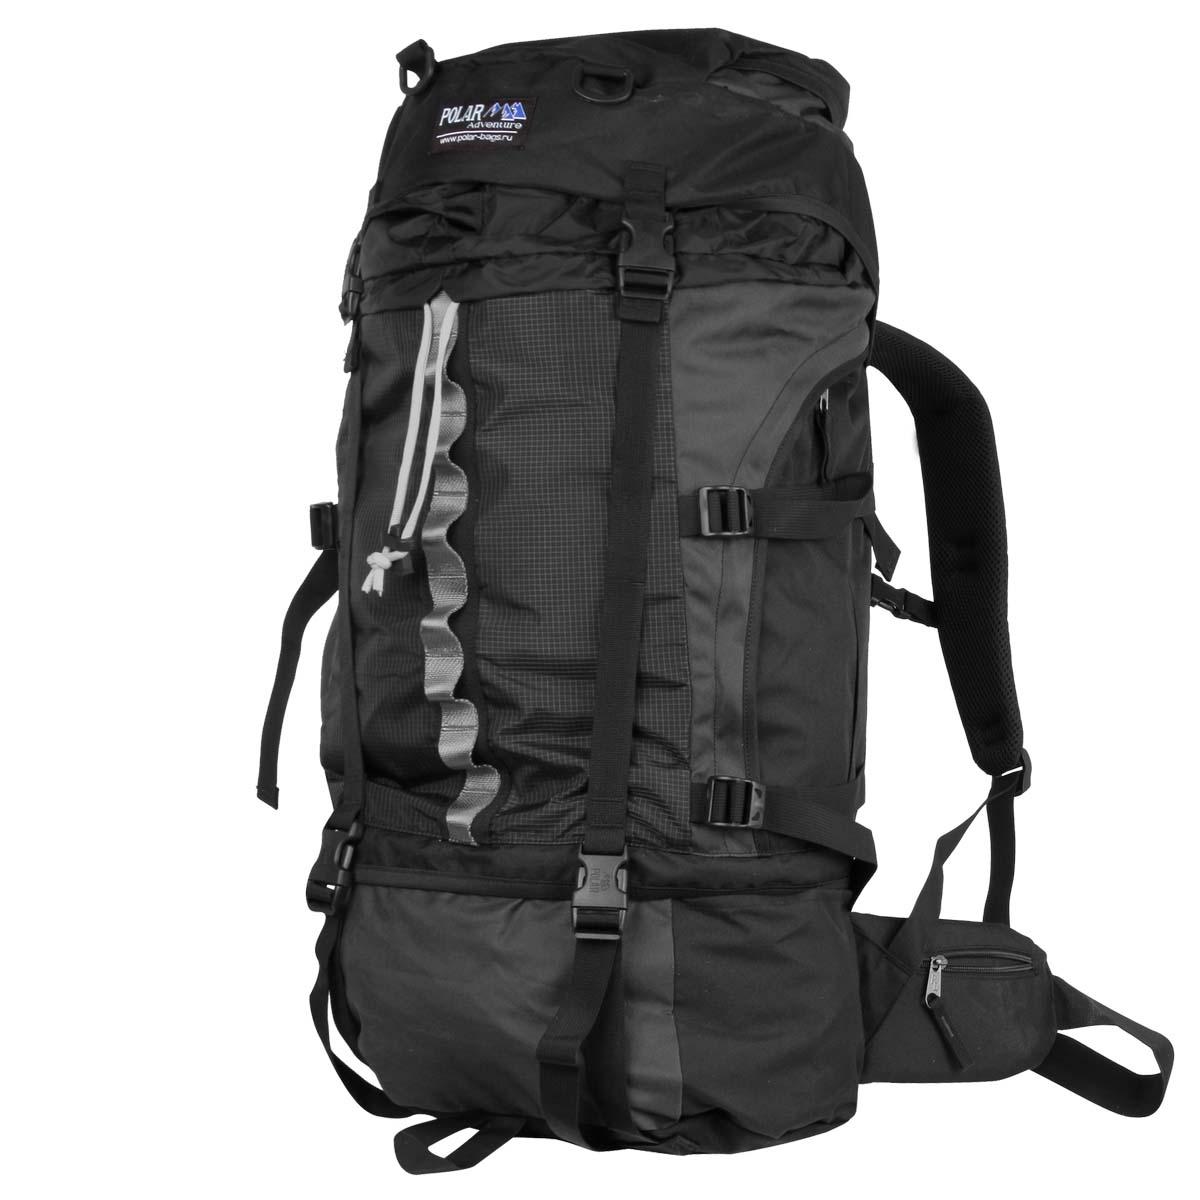 Рюкзак экспедиционный Polar, 50 л, цвет: черный. П931-051138_8680Туристический рюкзак фирмы Polar. Объем на 50 л. Отлично оснащенный рюкзак для альпинизма и туризма. Двойной доступ к основному отделению, множество карманов для мелочей и документов, карабин для ключей, карман для мобильного. Возможность крепления на рюкзак дополнительного оборудования. Регулируемая грудная стяжка с фиксатором. Регулируемый по длине поясной ремень с карманами на змейке. Материал: Polyester PU 600D.